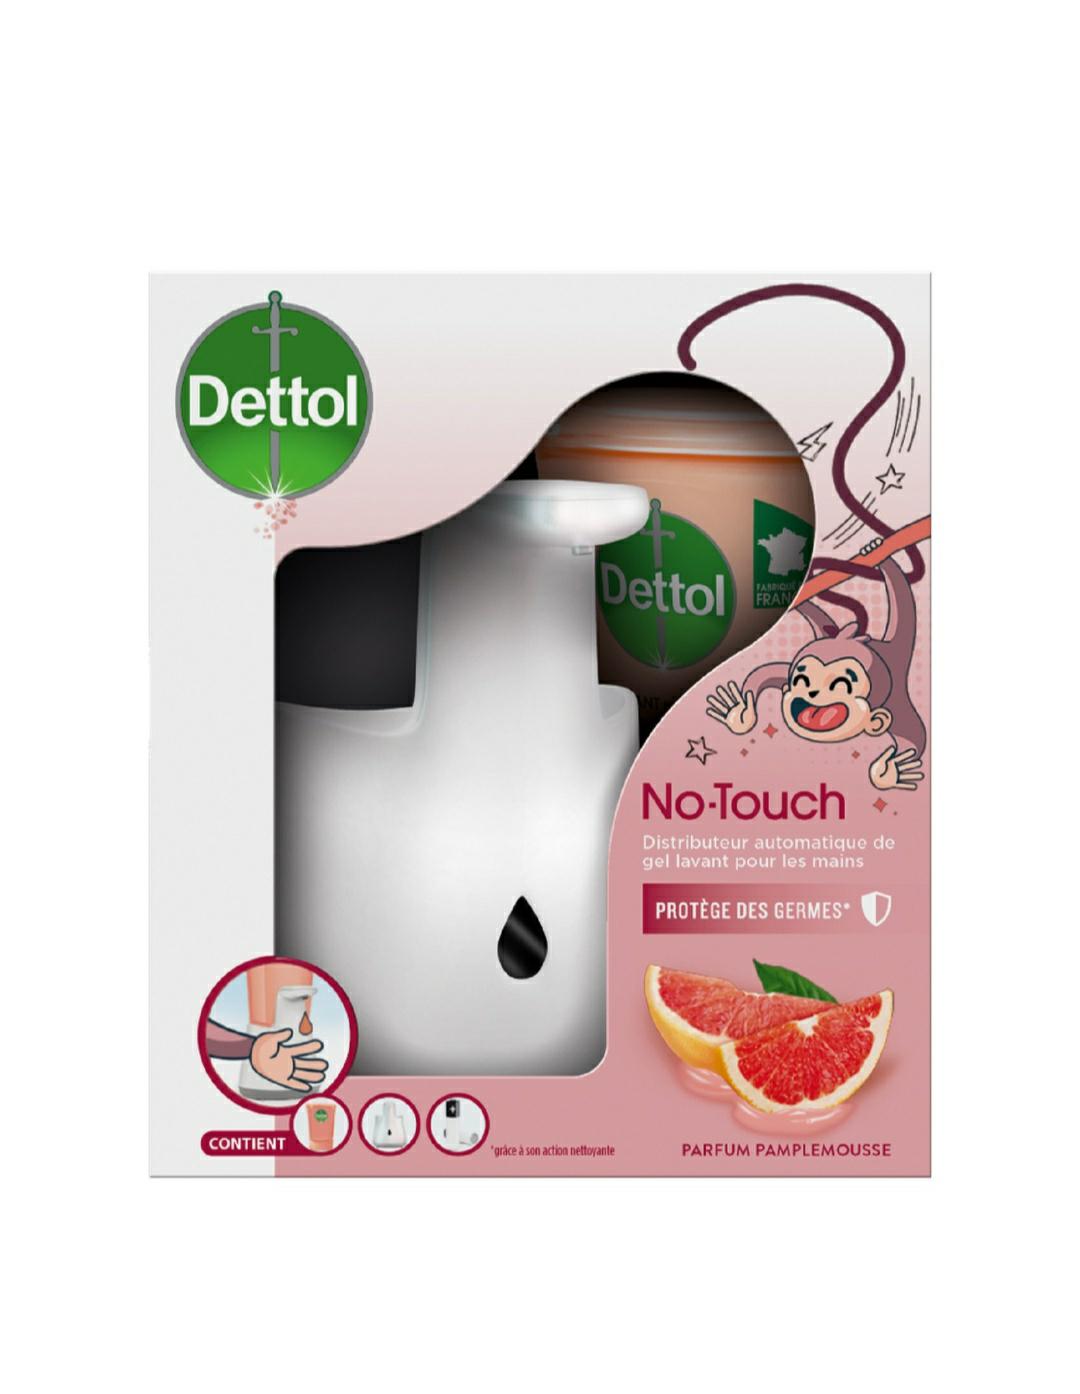 Distributeur automatique de gel lavant pour mains Dettol No-Touch (Magasins Participants)